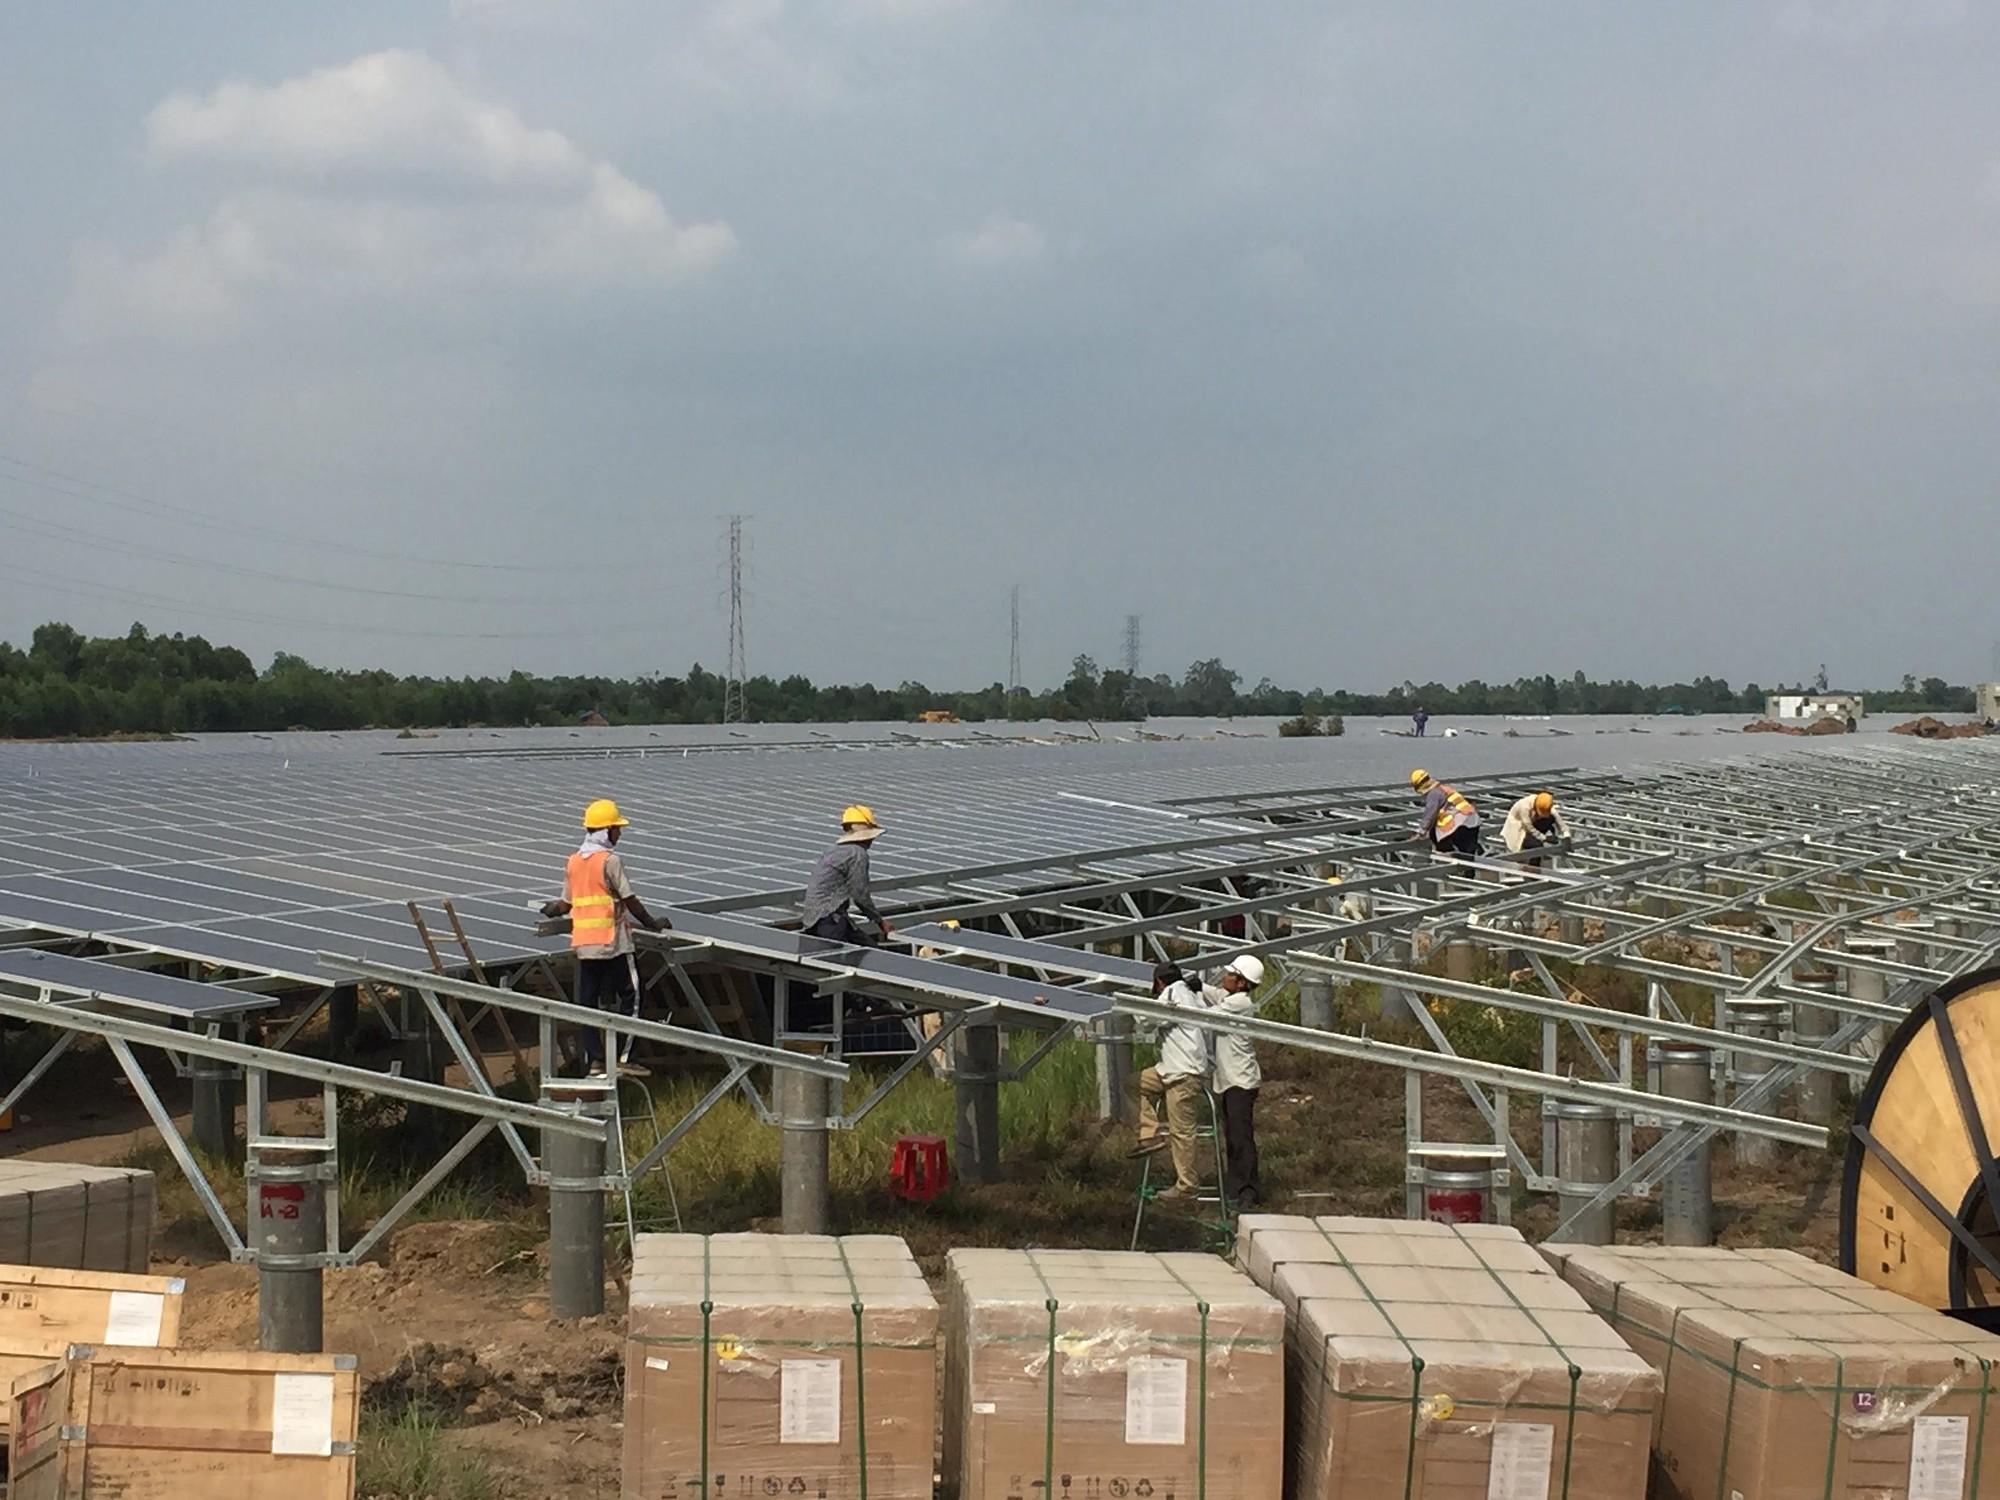 Điện mặt trời ồ ạt hòa lưới, EVN phải thuê chuyên gia chữa cháy - Ảnh 1.